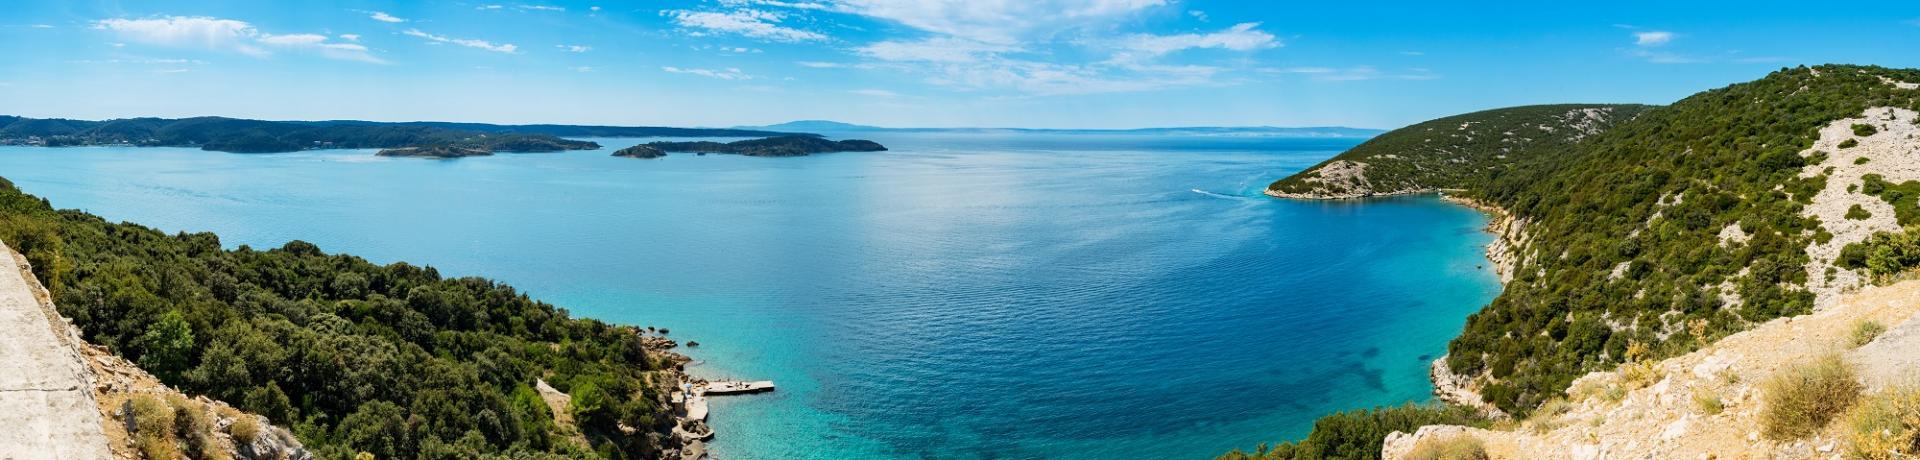 Kroatien-Inseln-Emotion_GI-923620312.jpg